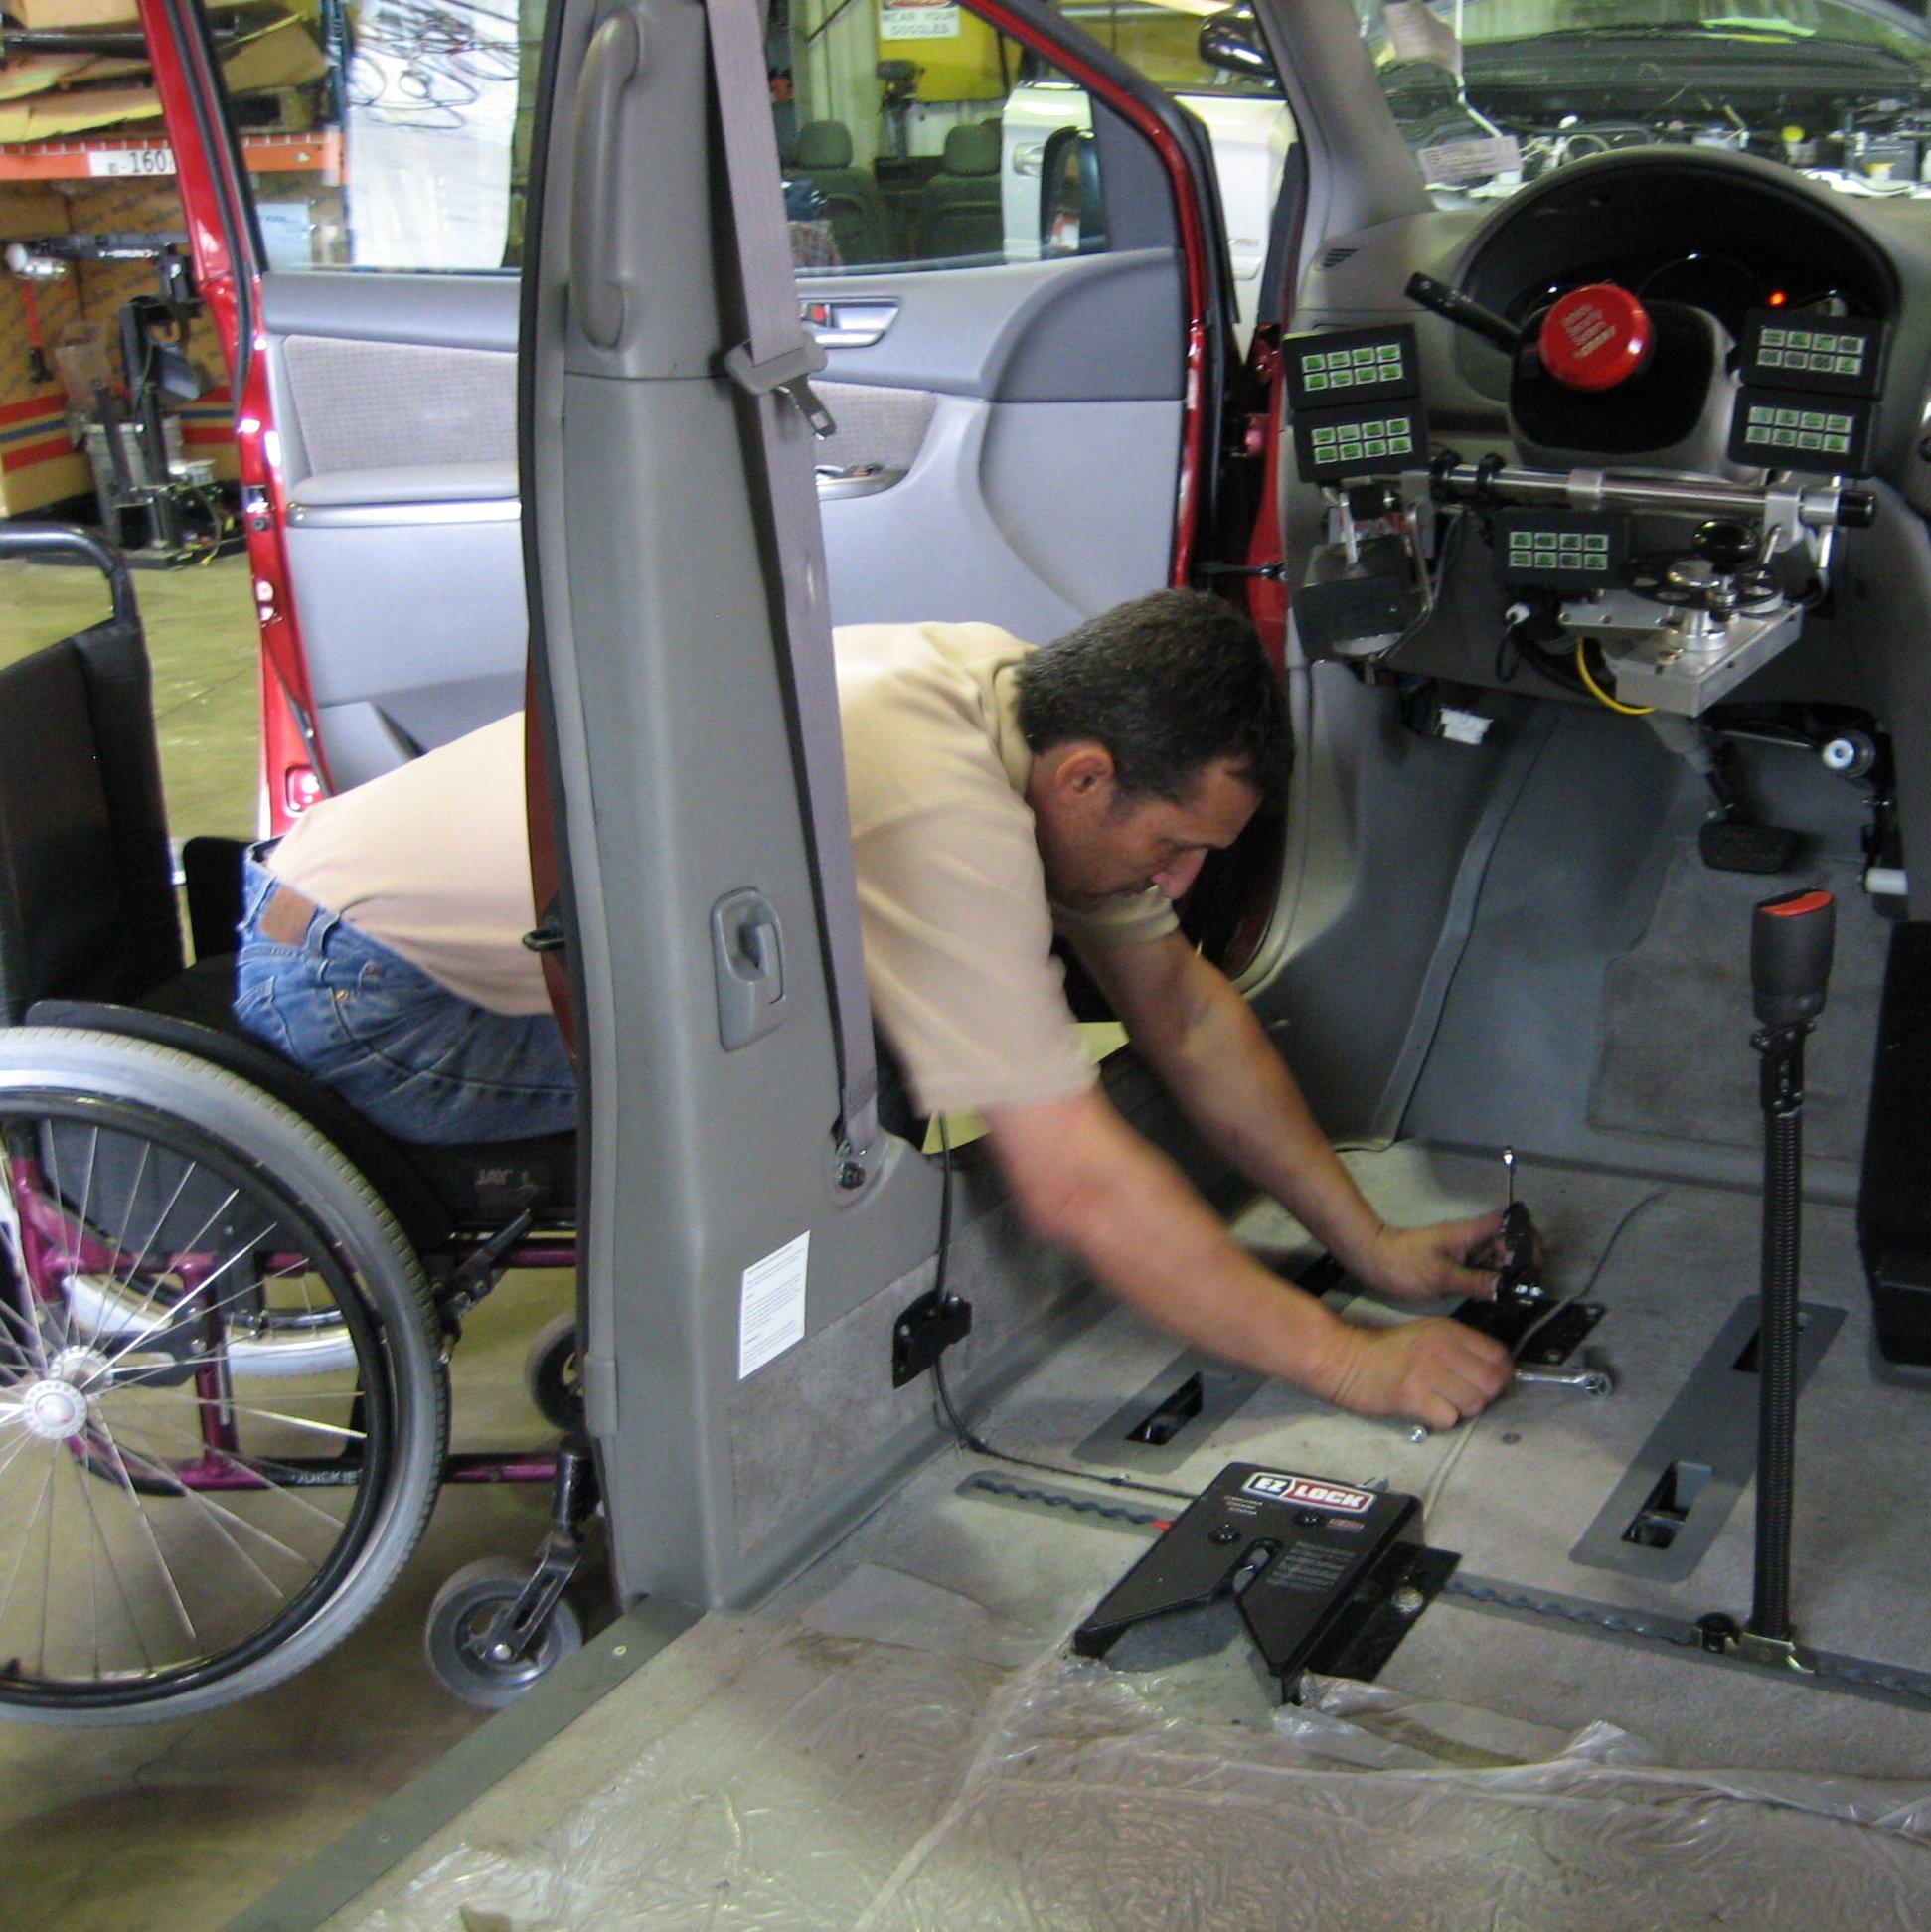 persona en silla de ruedas trabajando en un taller de automoviles